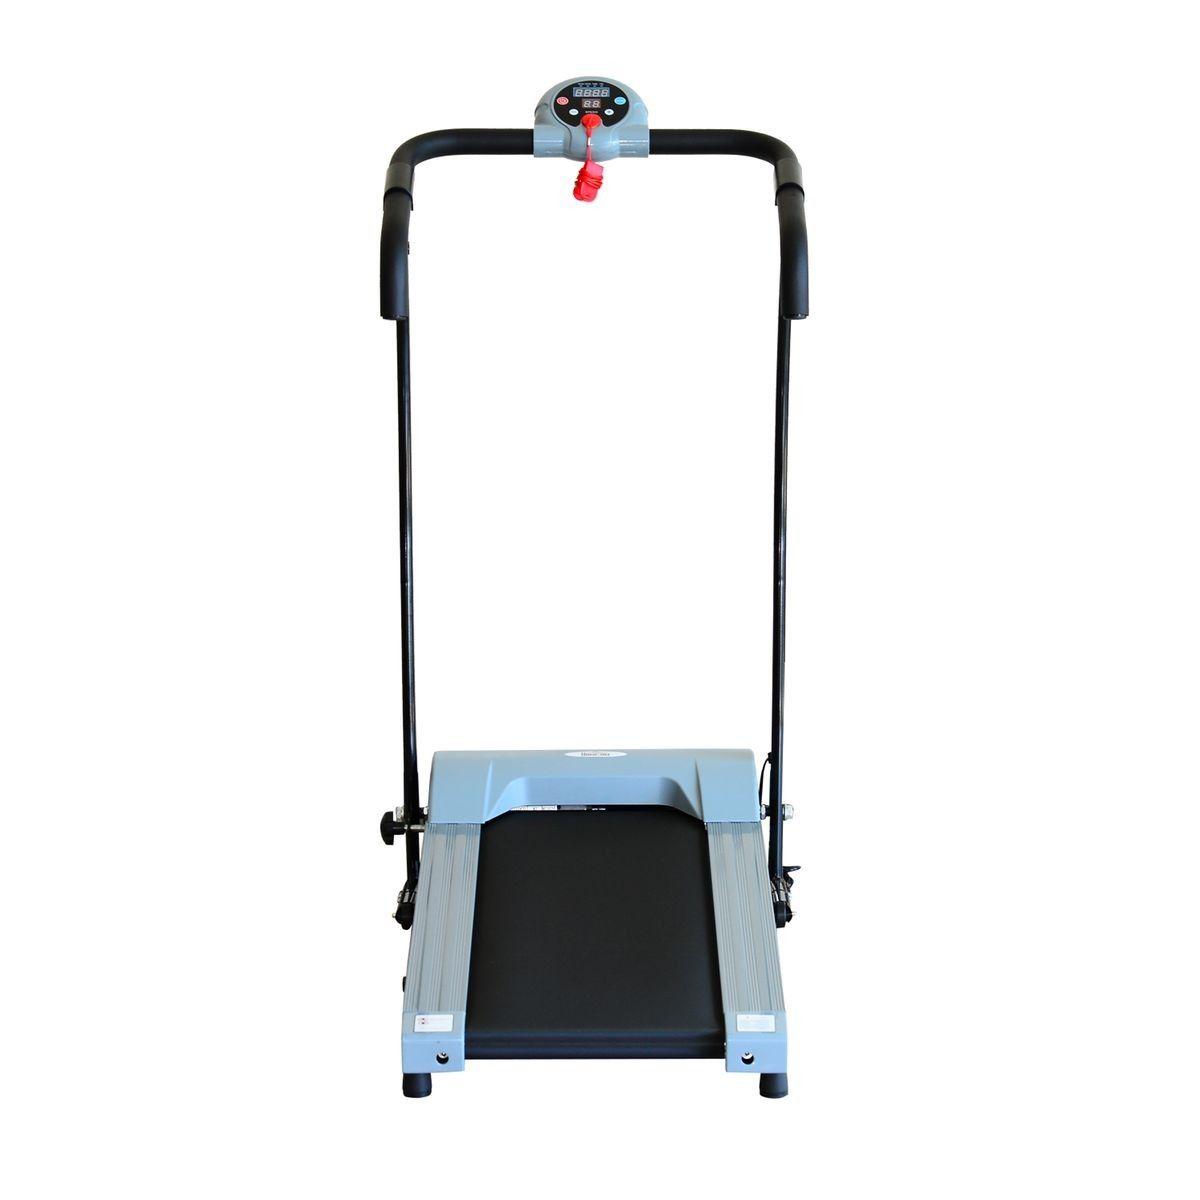 Tapis Roulant Electrique 450w Taille Taille Unique Tapis Roulant Et Fitness